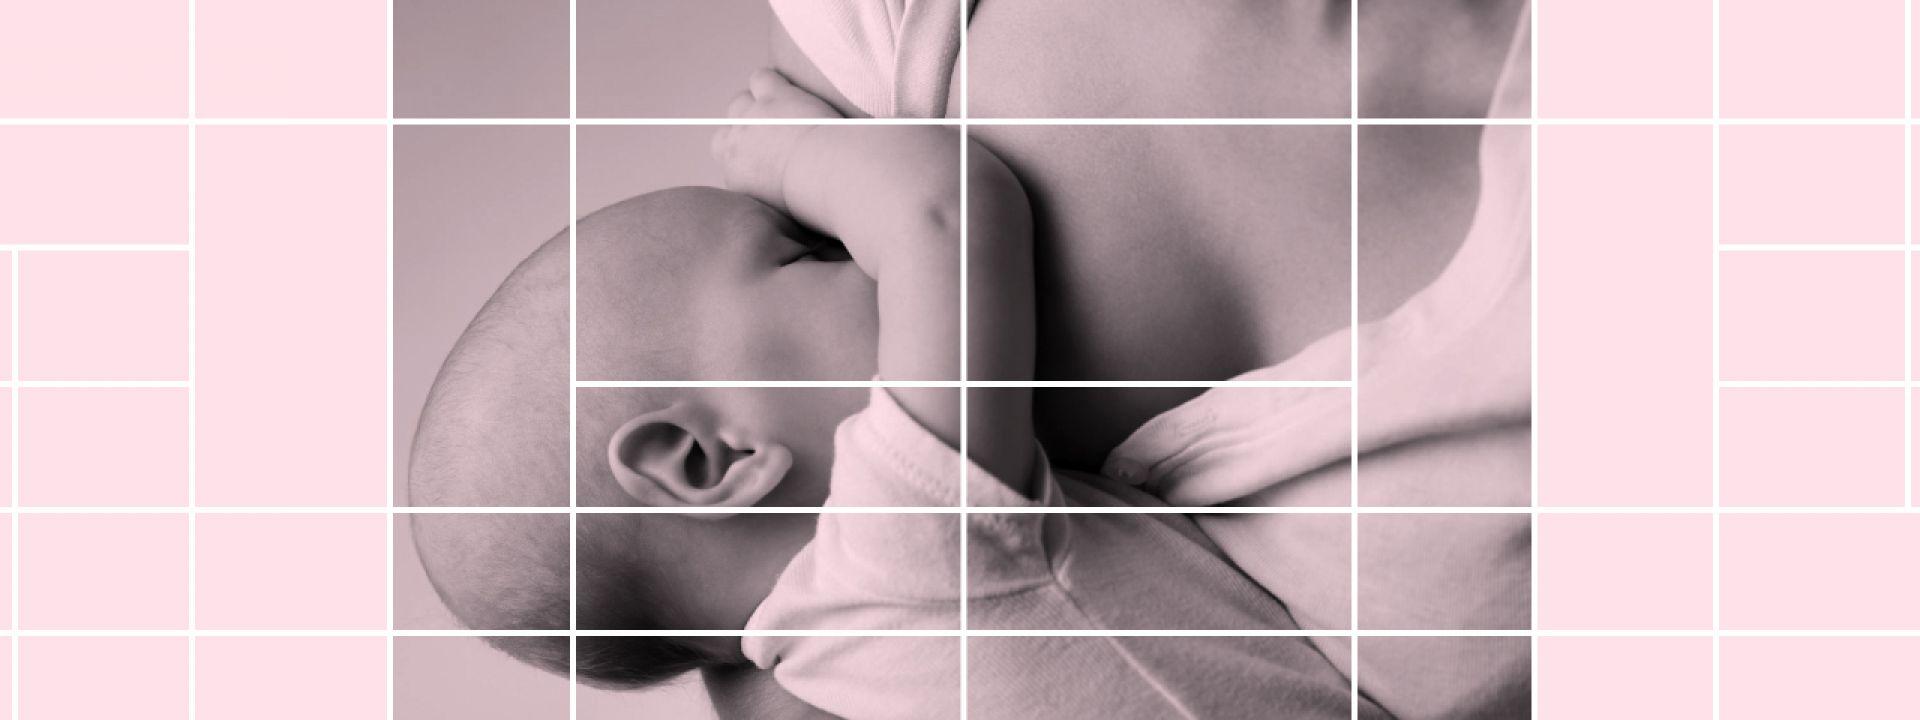 """Φωτογραφία για τη σειρά διαλέξεων """"Η αρχή της ζωής"""" - Θέμα ο μητρικός θηλασμός"""